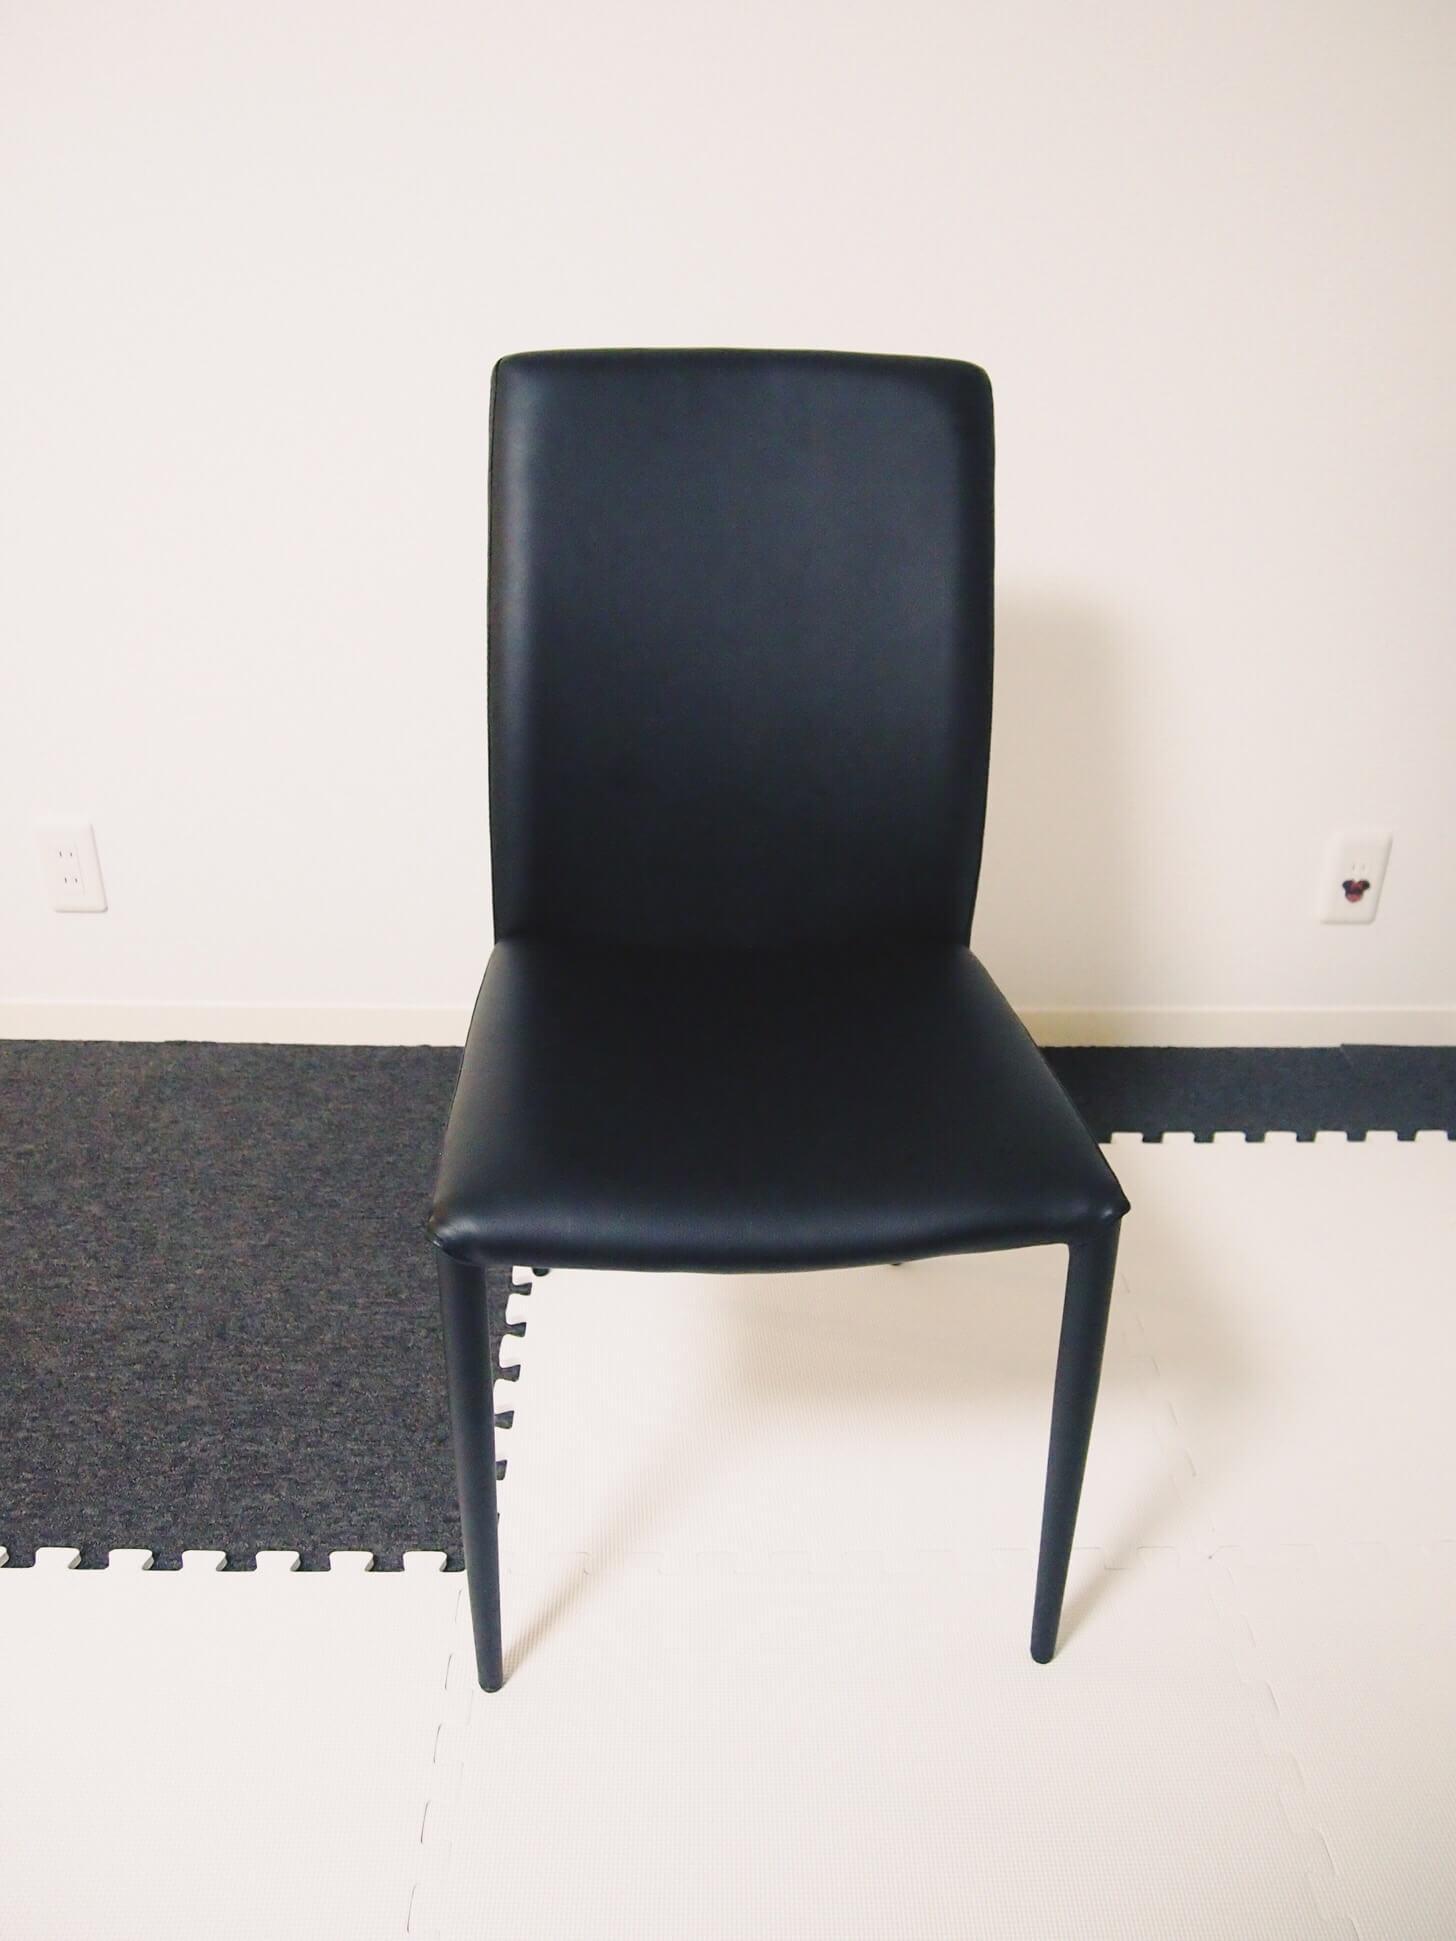 モーダエンカーサの椅子-3